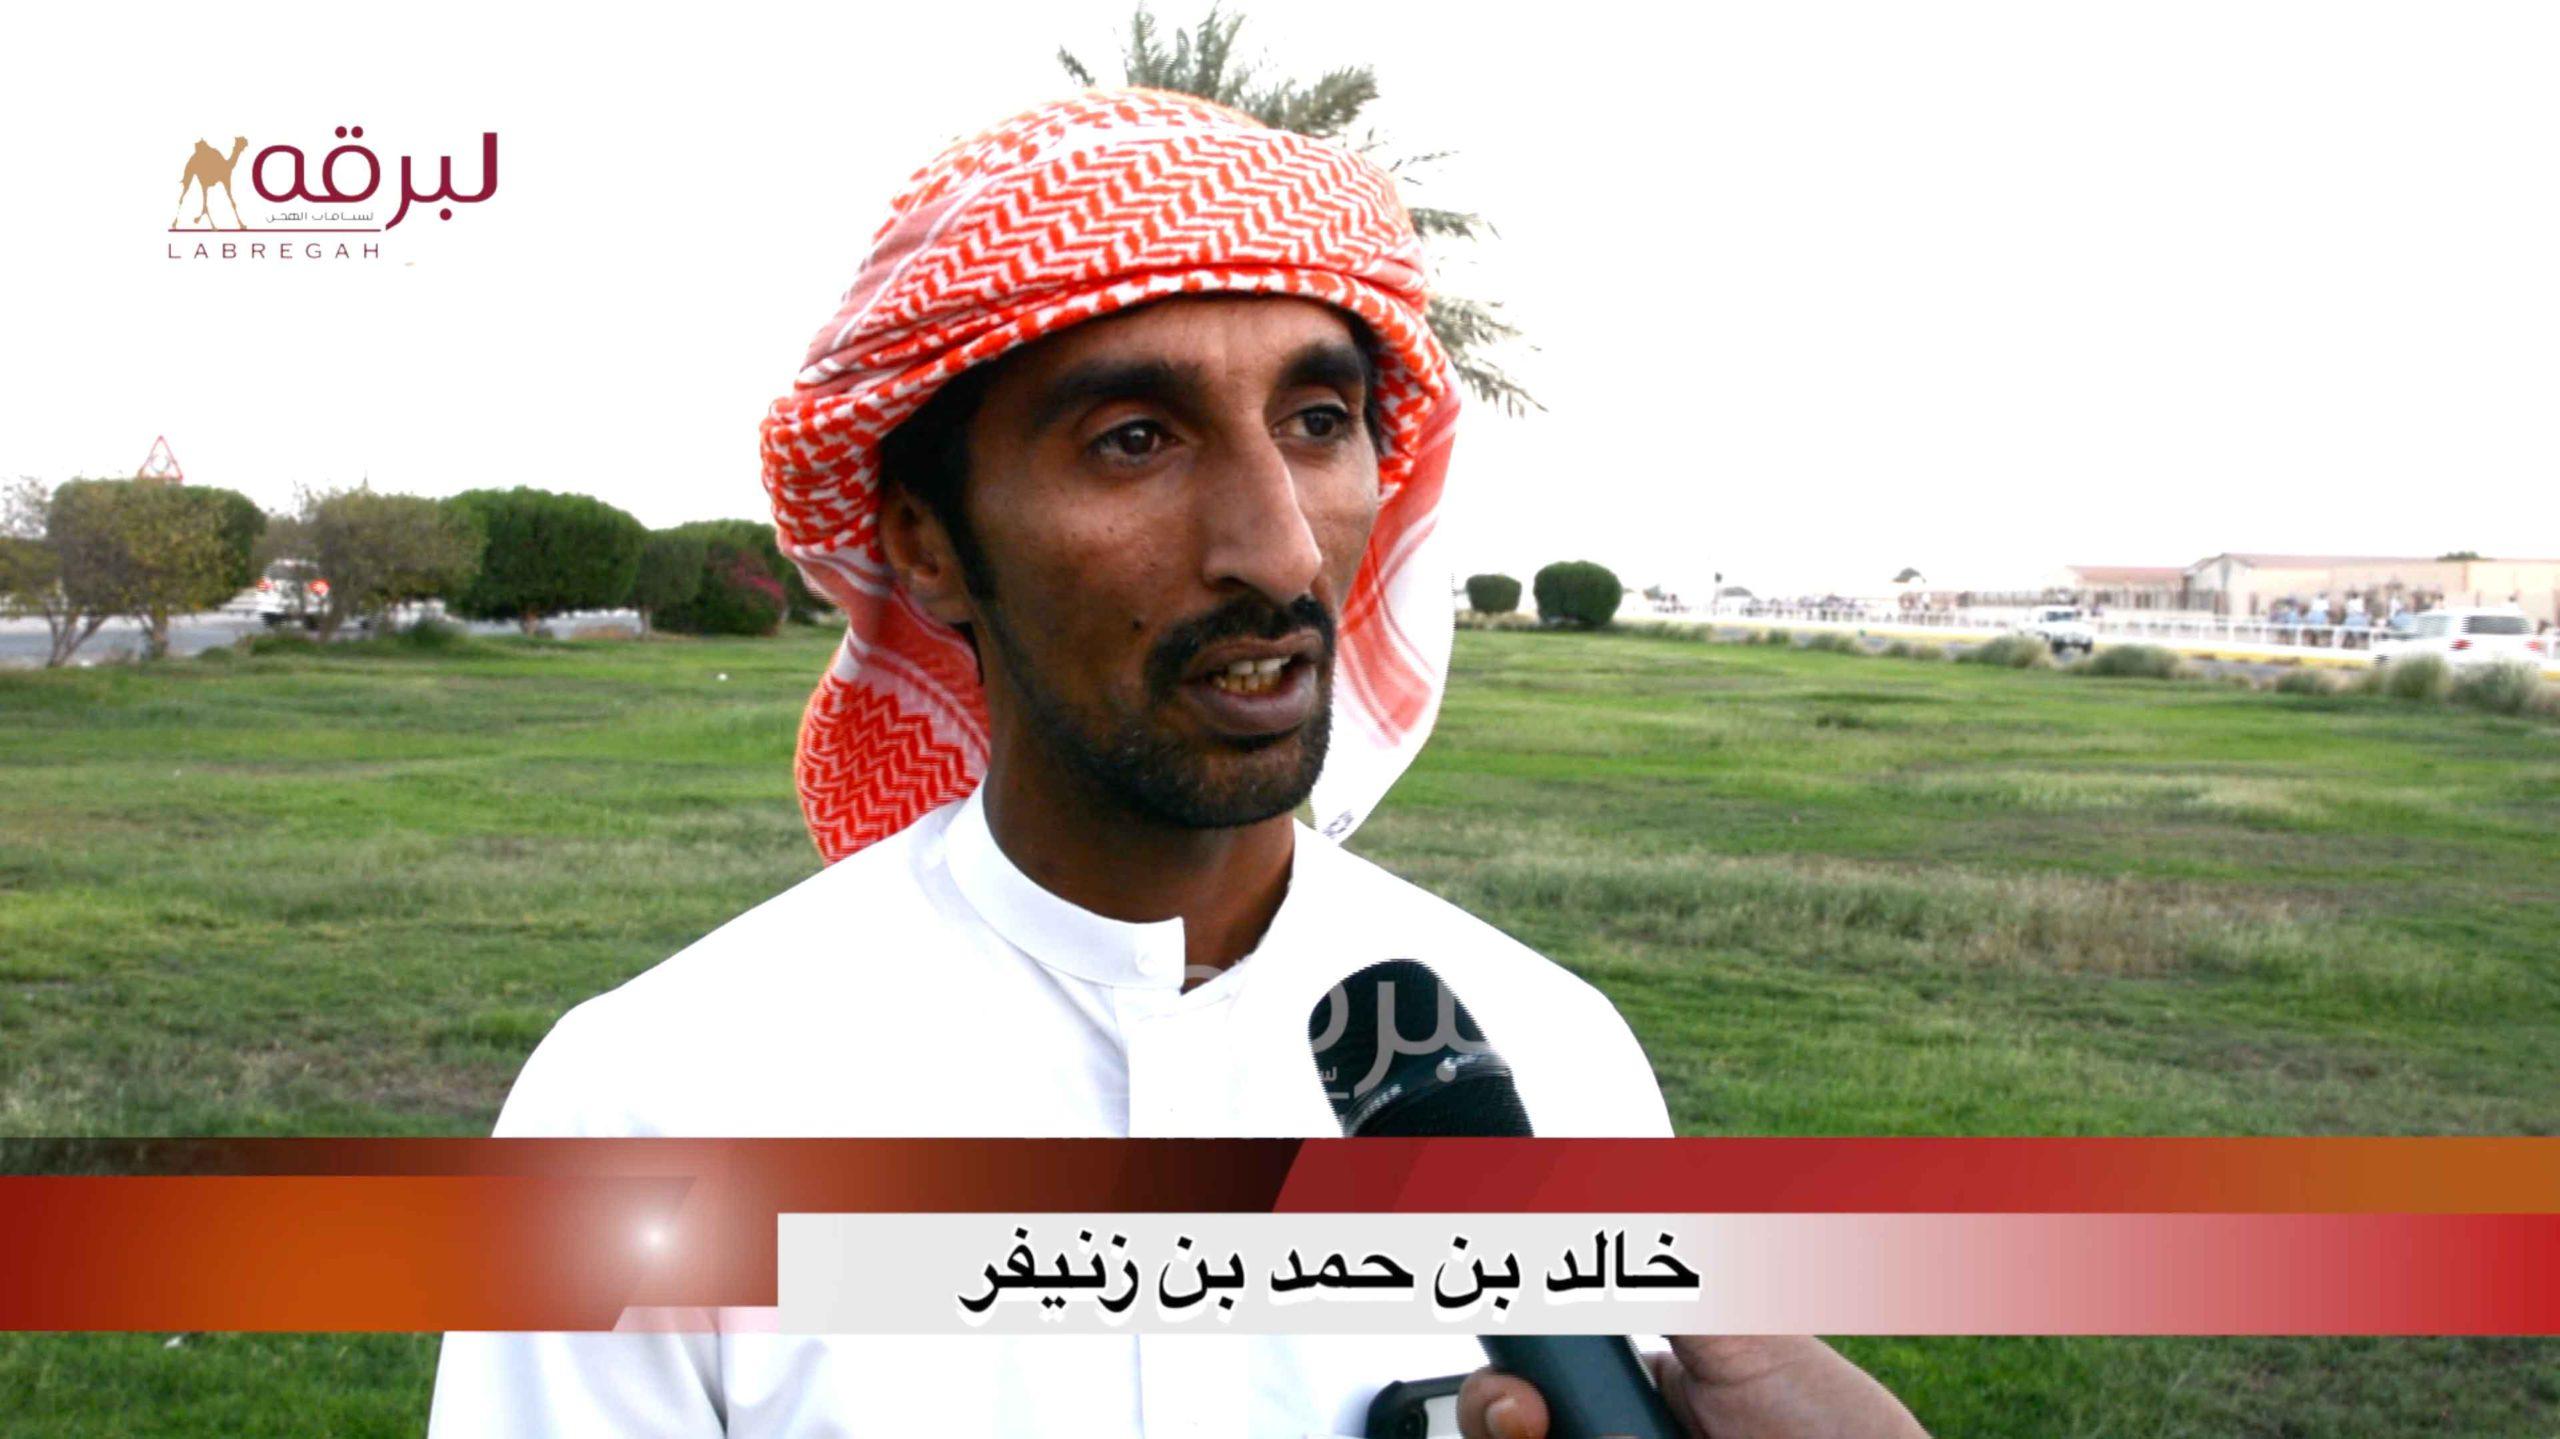 لقاء مع خالد حمد بن زنيفر.. الشوط الرئيسي للجذاع قعدان مفتوح الأشواط العامة ١٠-١٠-٢٠٢٠